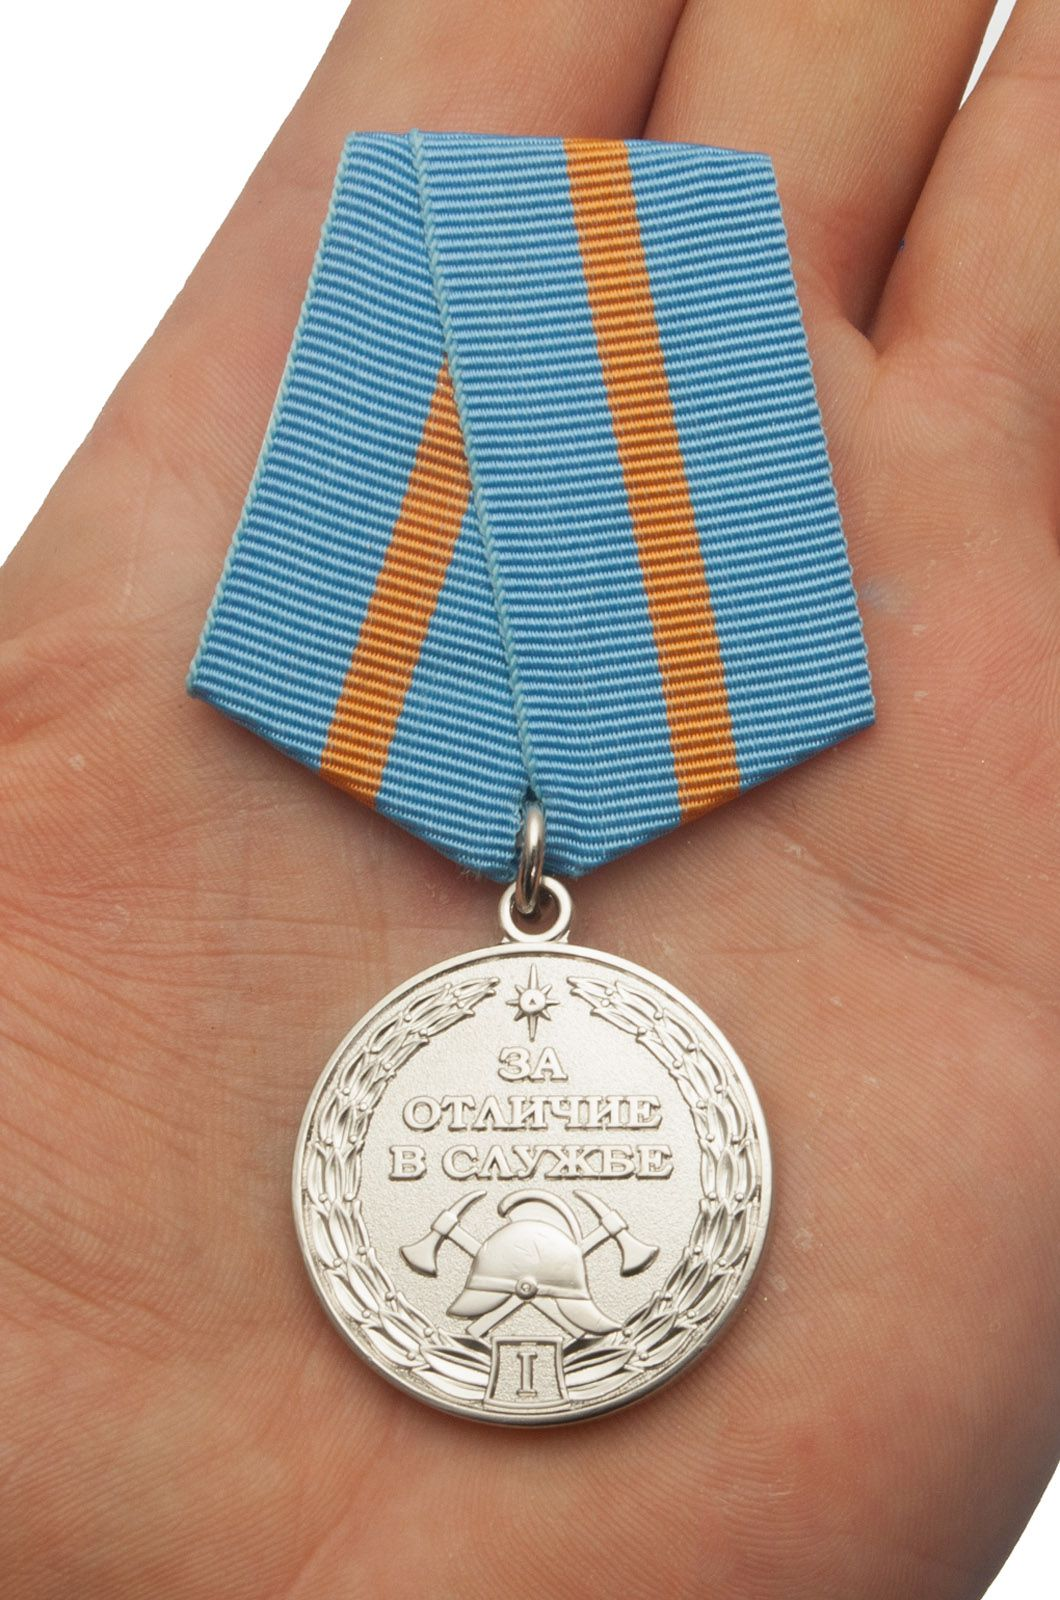 Медаль МЧС «За отличие в службе» 1 степень - общий вид